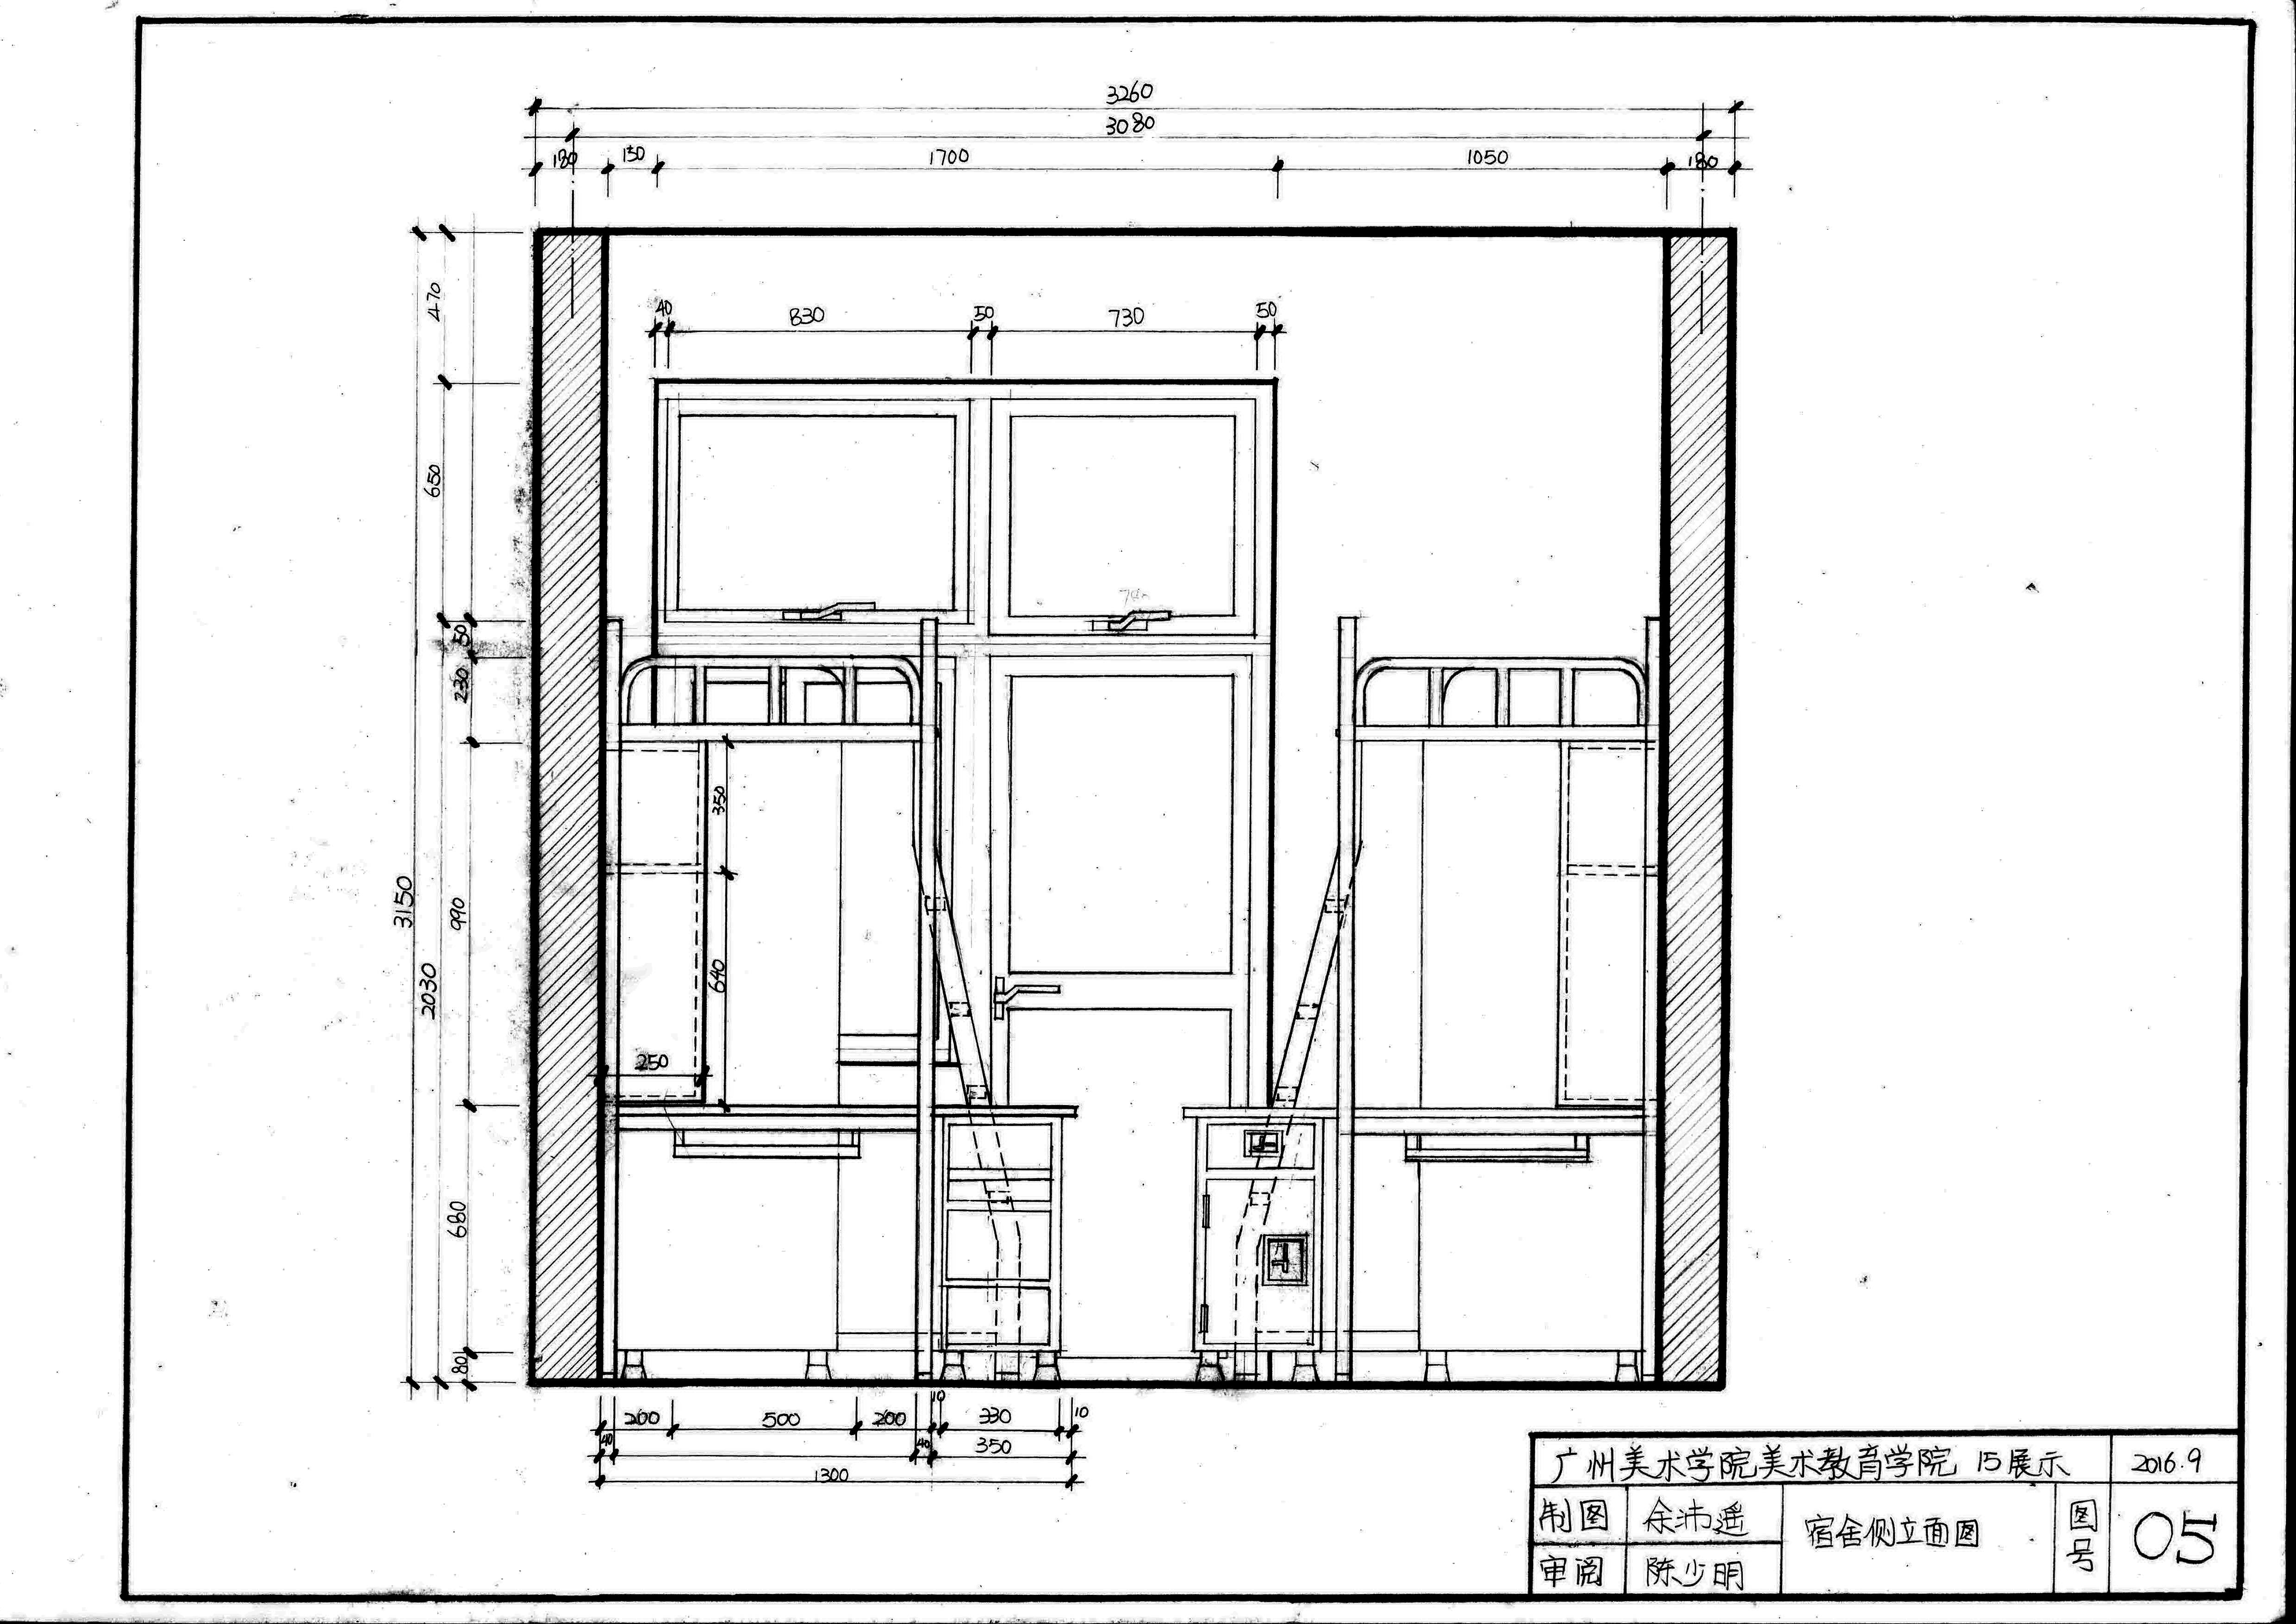 【建筑类】手绘制图